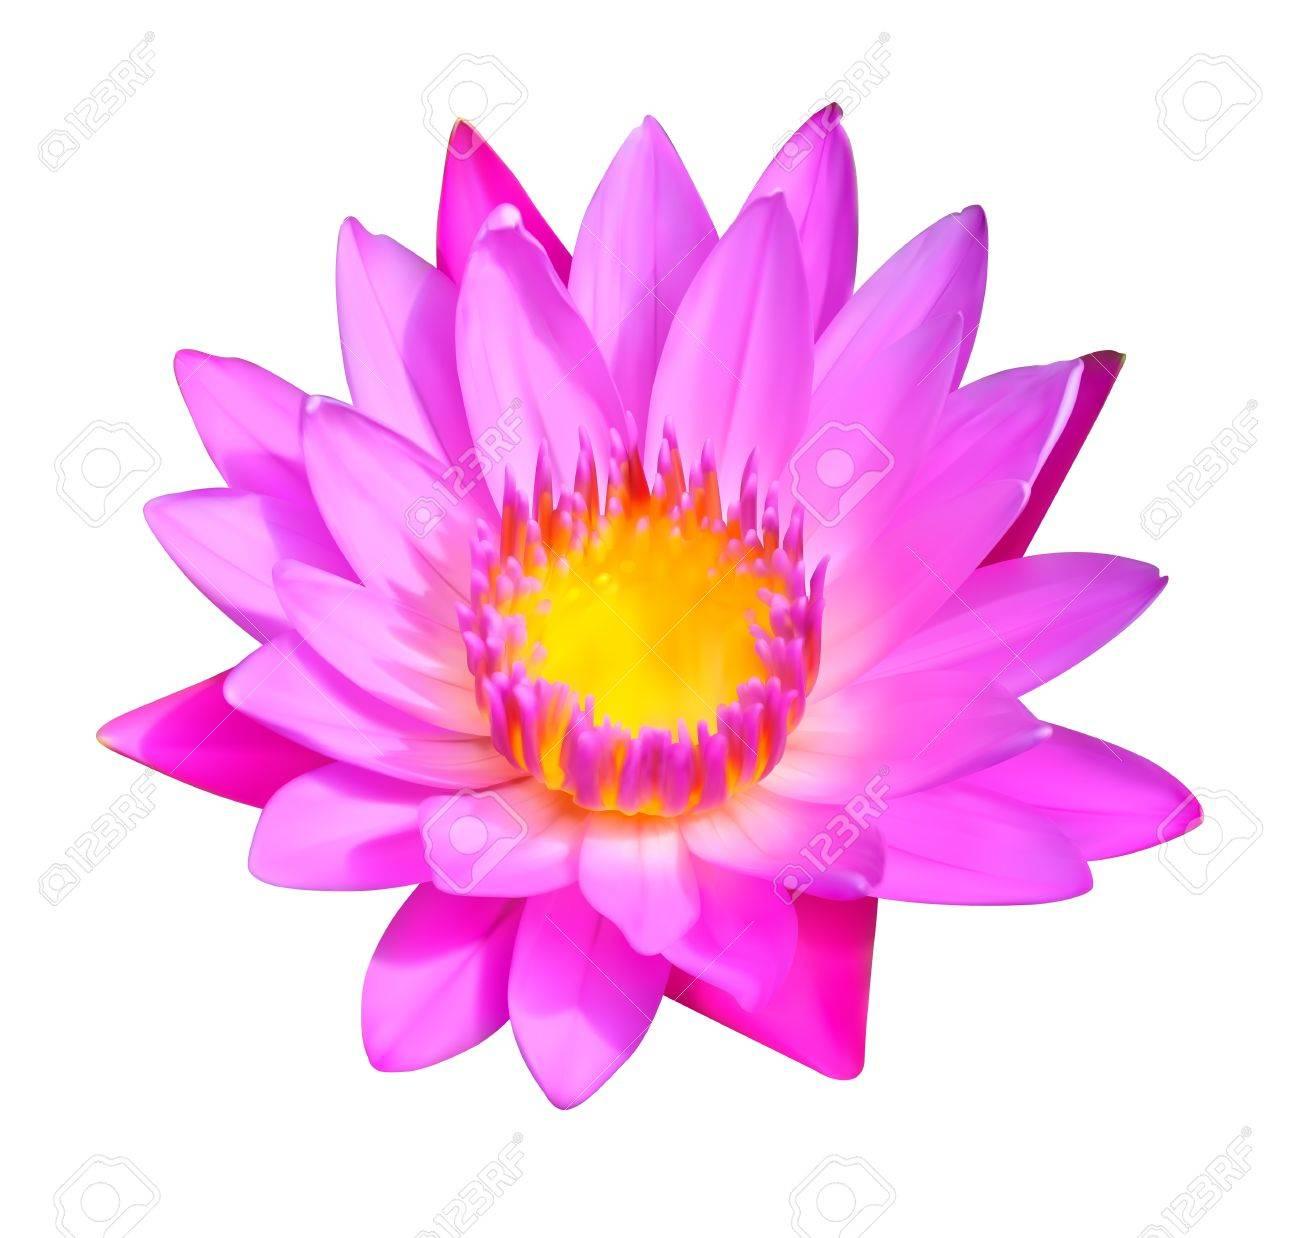 花のアイコン睡蓮花イラストのイラスト素材ベクタ Image 15654640